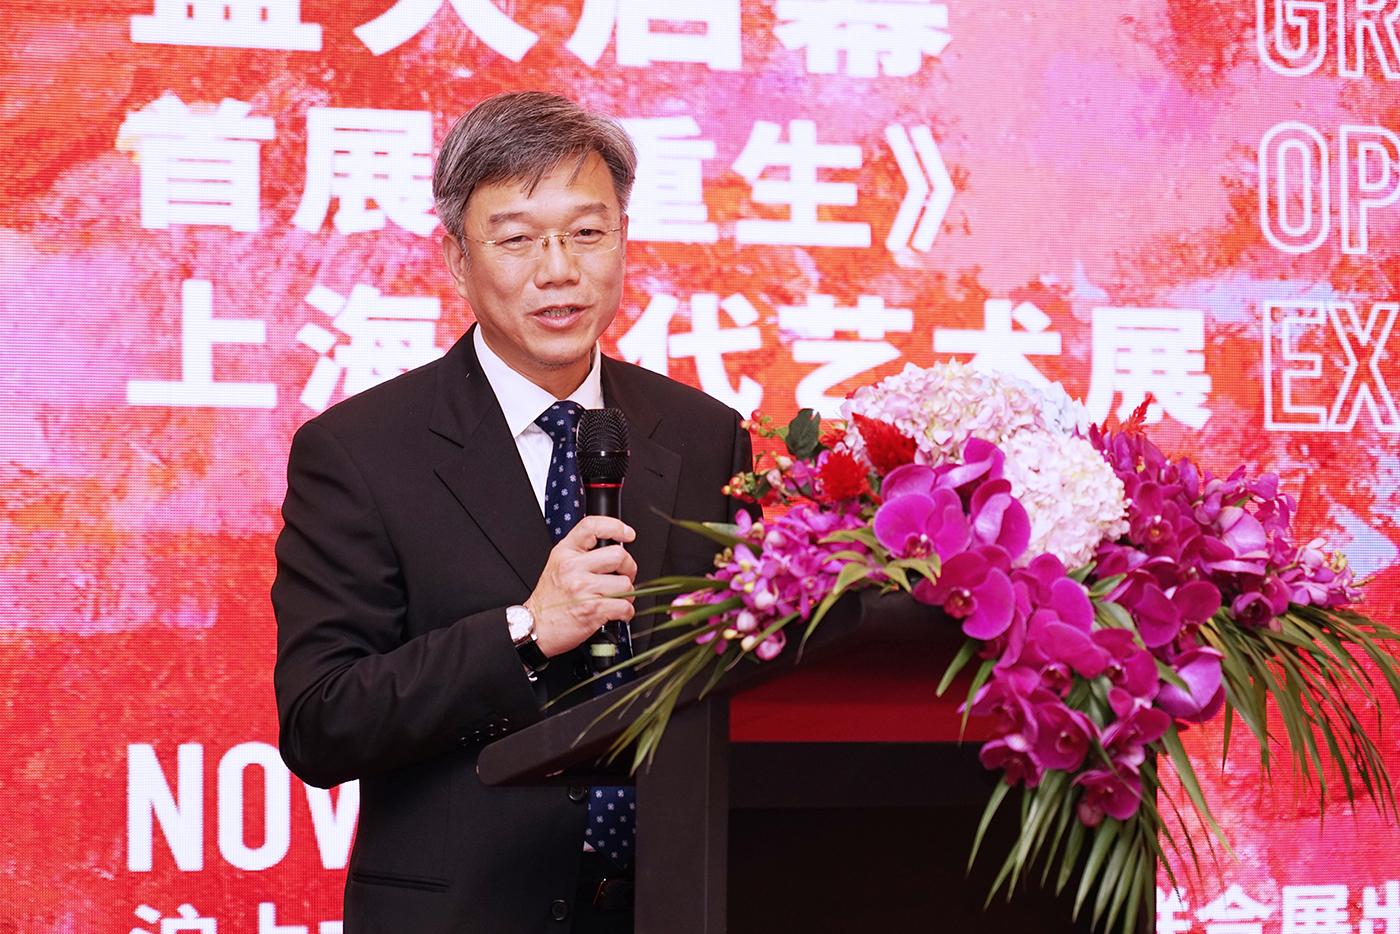 上海市对外文化交流协会文艺处处长吴忠民出席开幕活动并致辞。